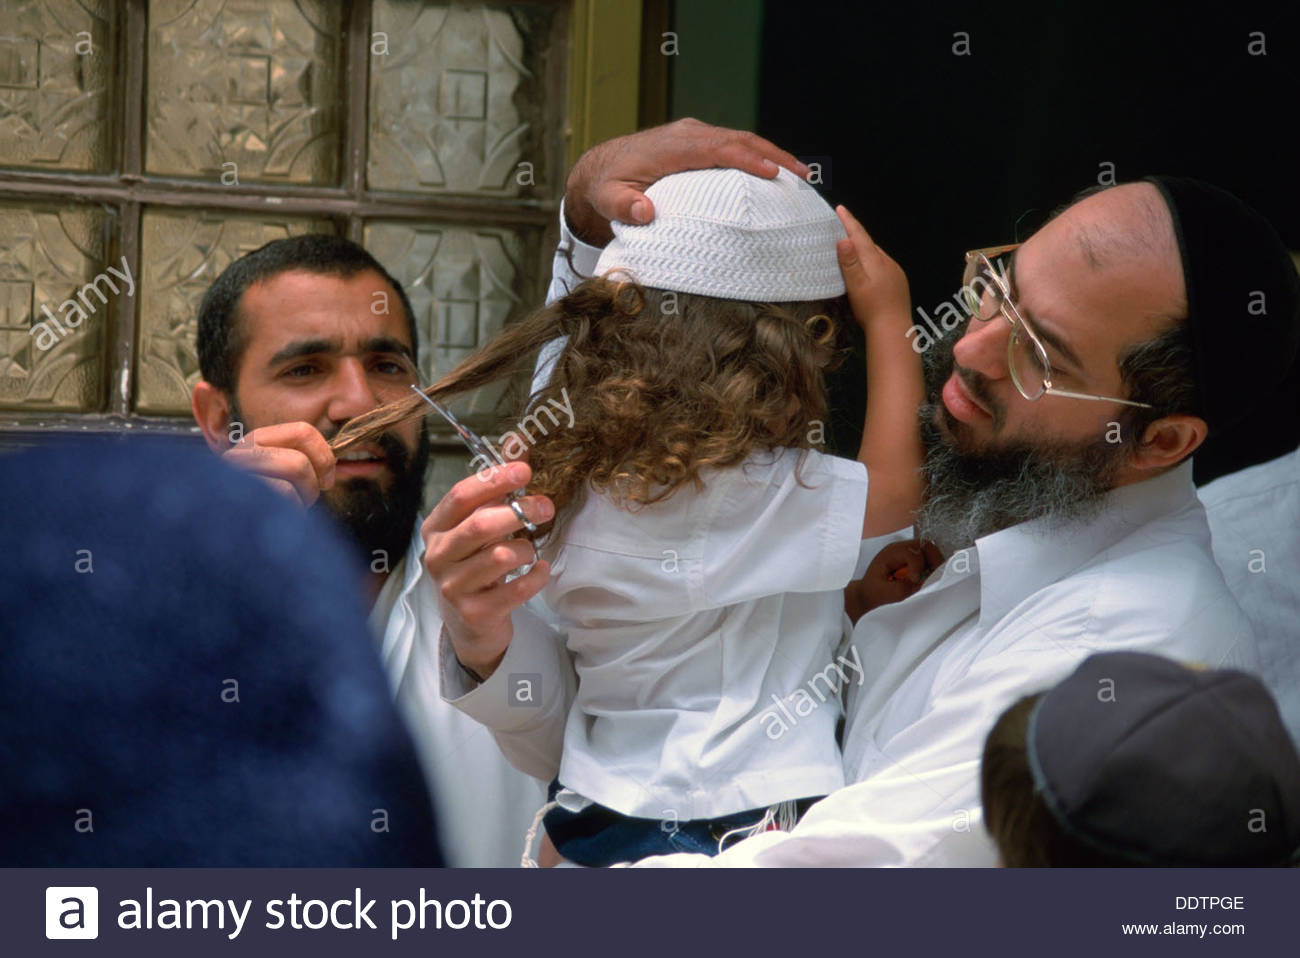 Einen Drei Jahre Alten Jüdischen Jungen Die Haare Schneiden